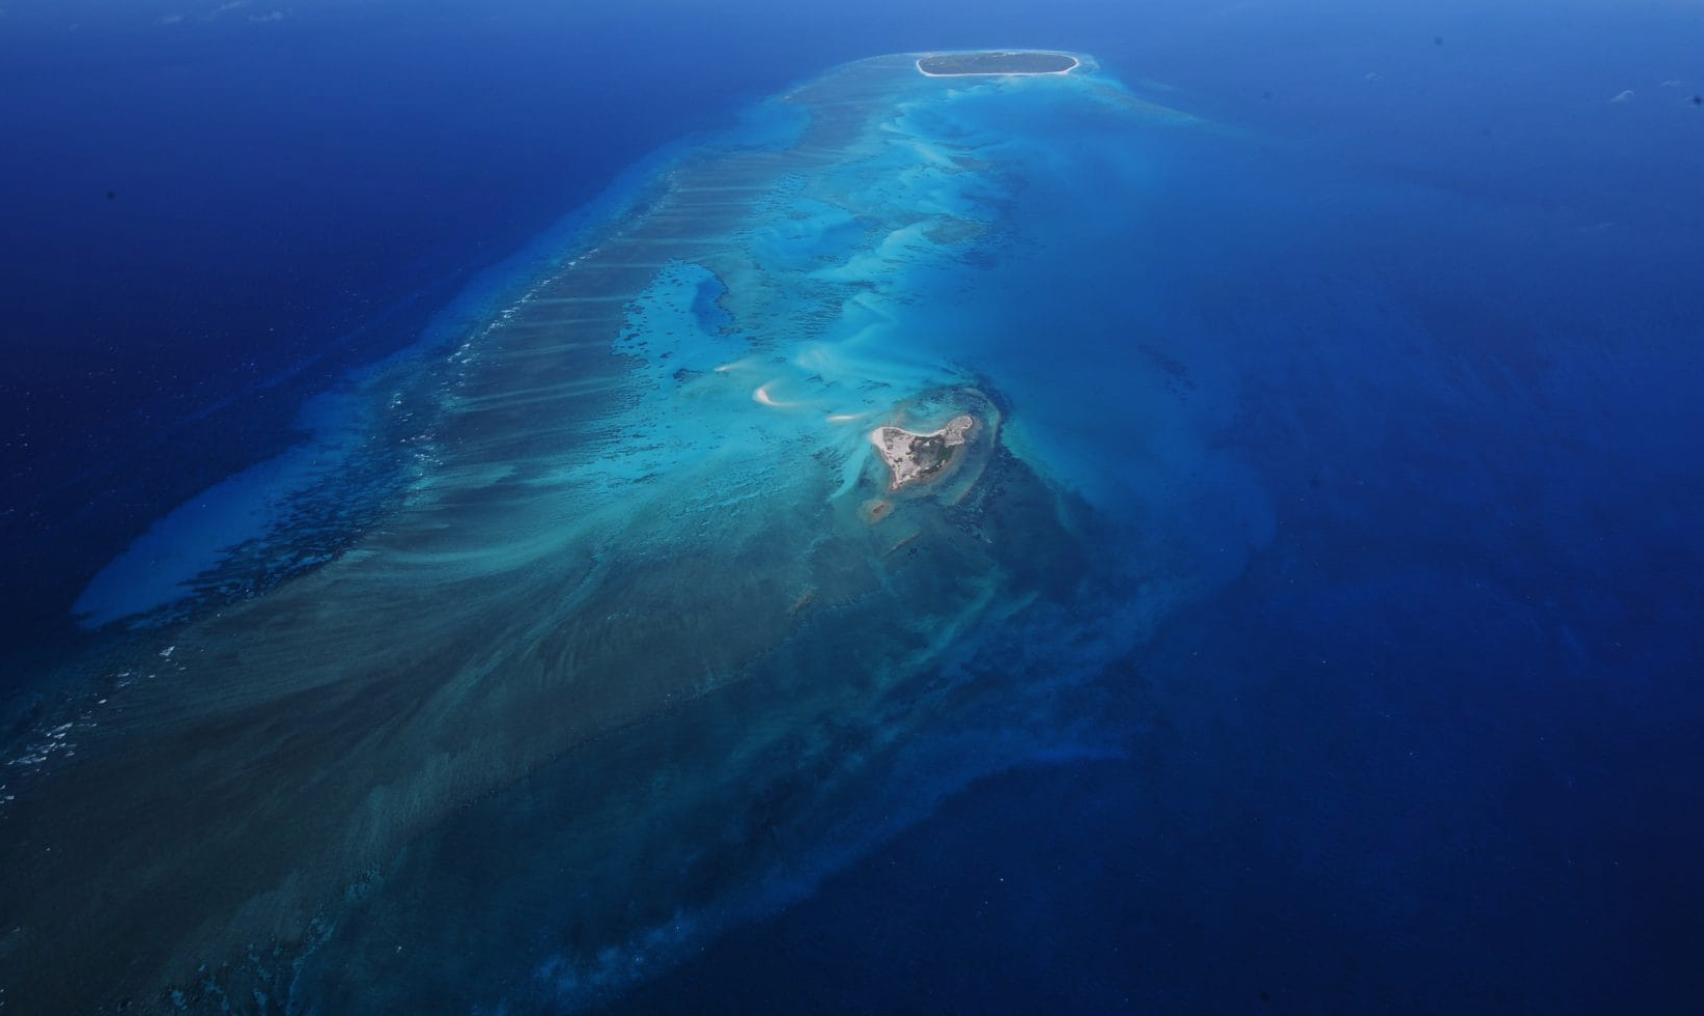 Emmanuel Macron dans l'Océan Indien: L'archipel des Glorieuses, une juridiction française revendiquée par Madagascar